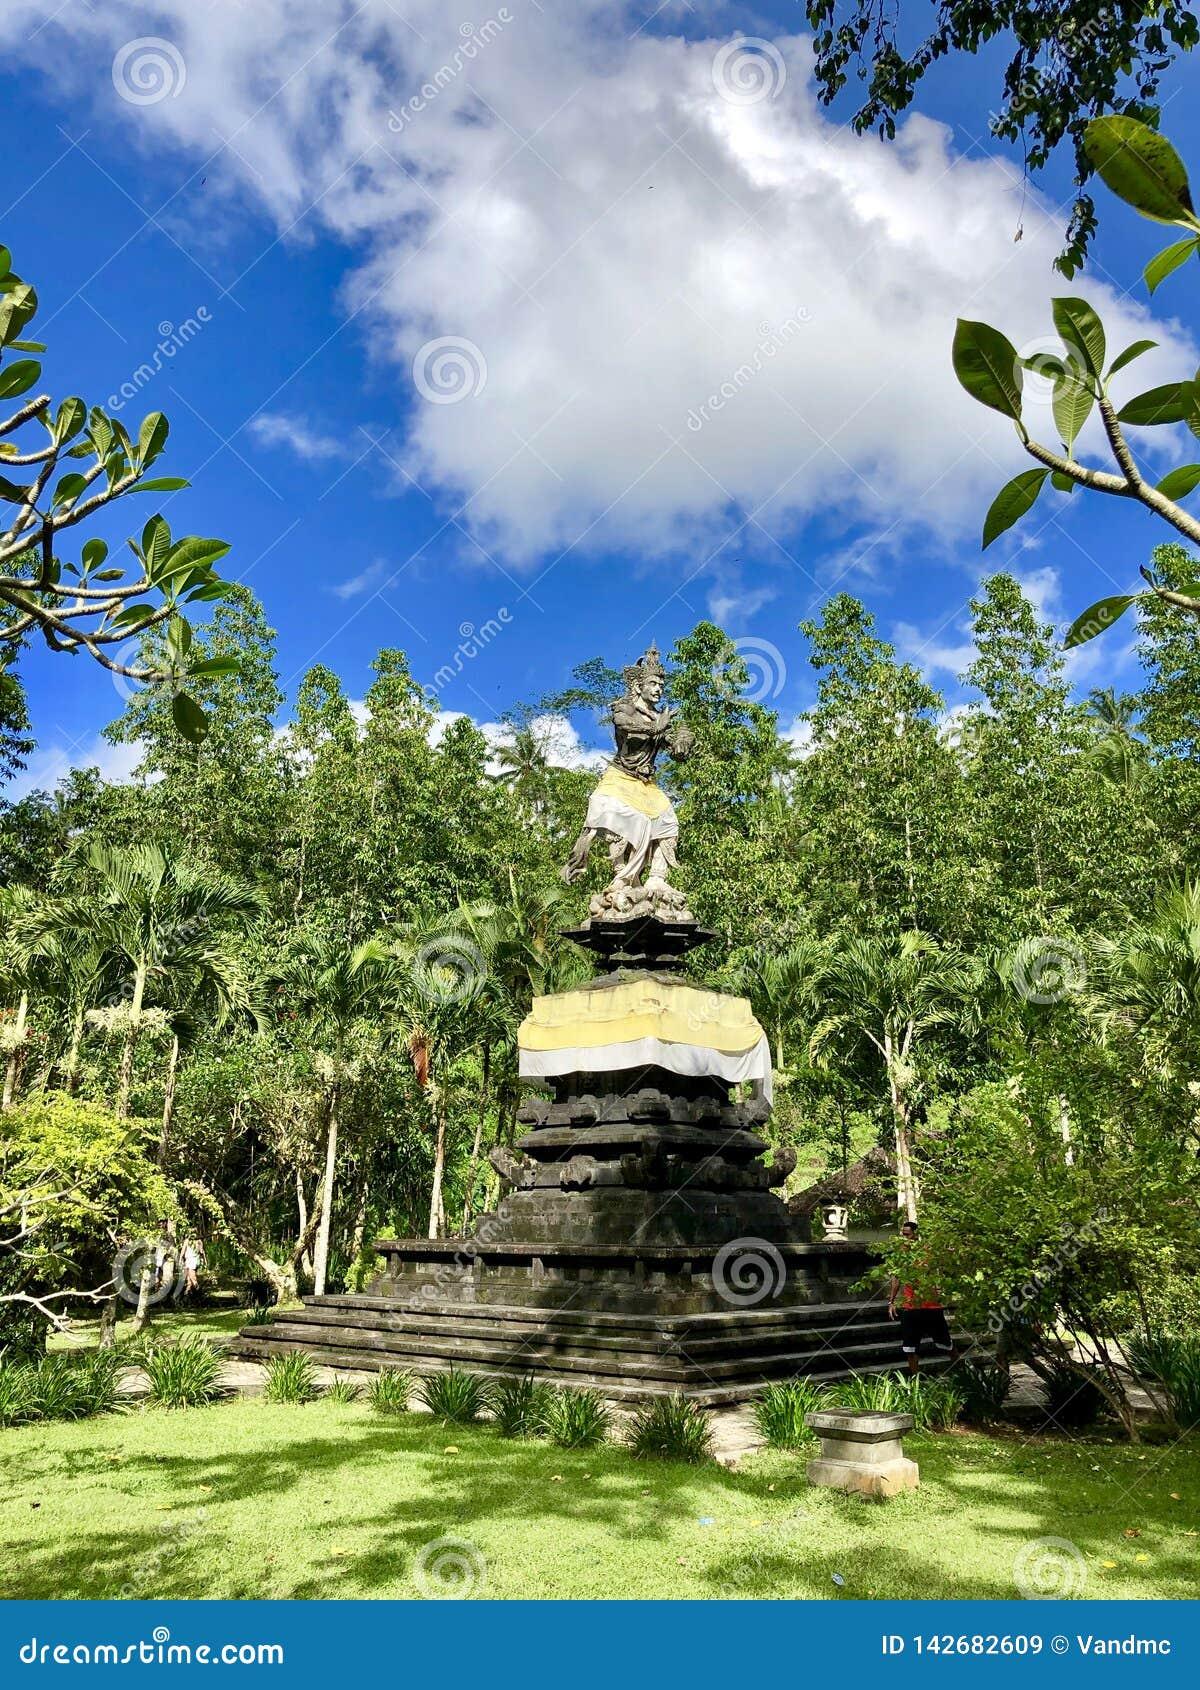 Standbeeld in de regenwoudfoto